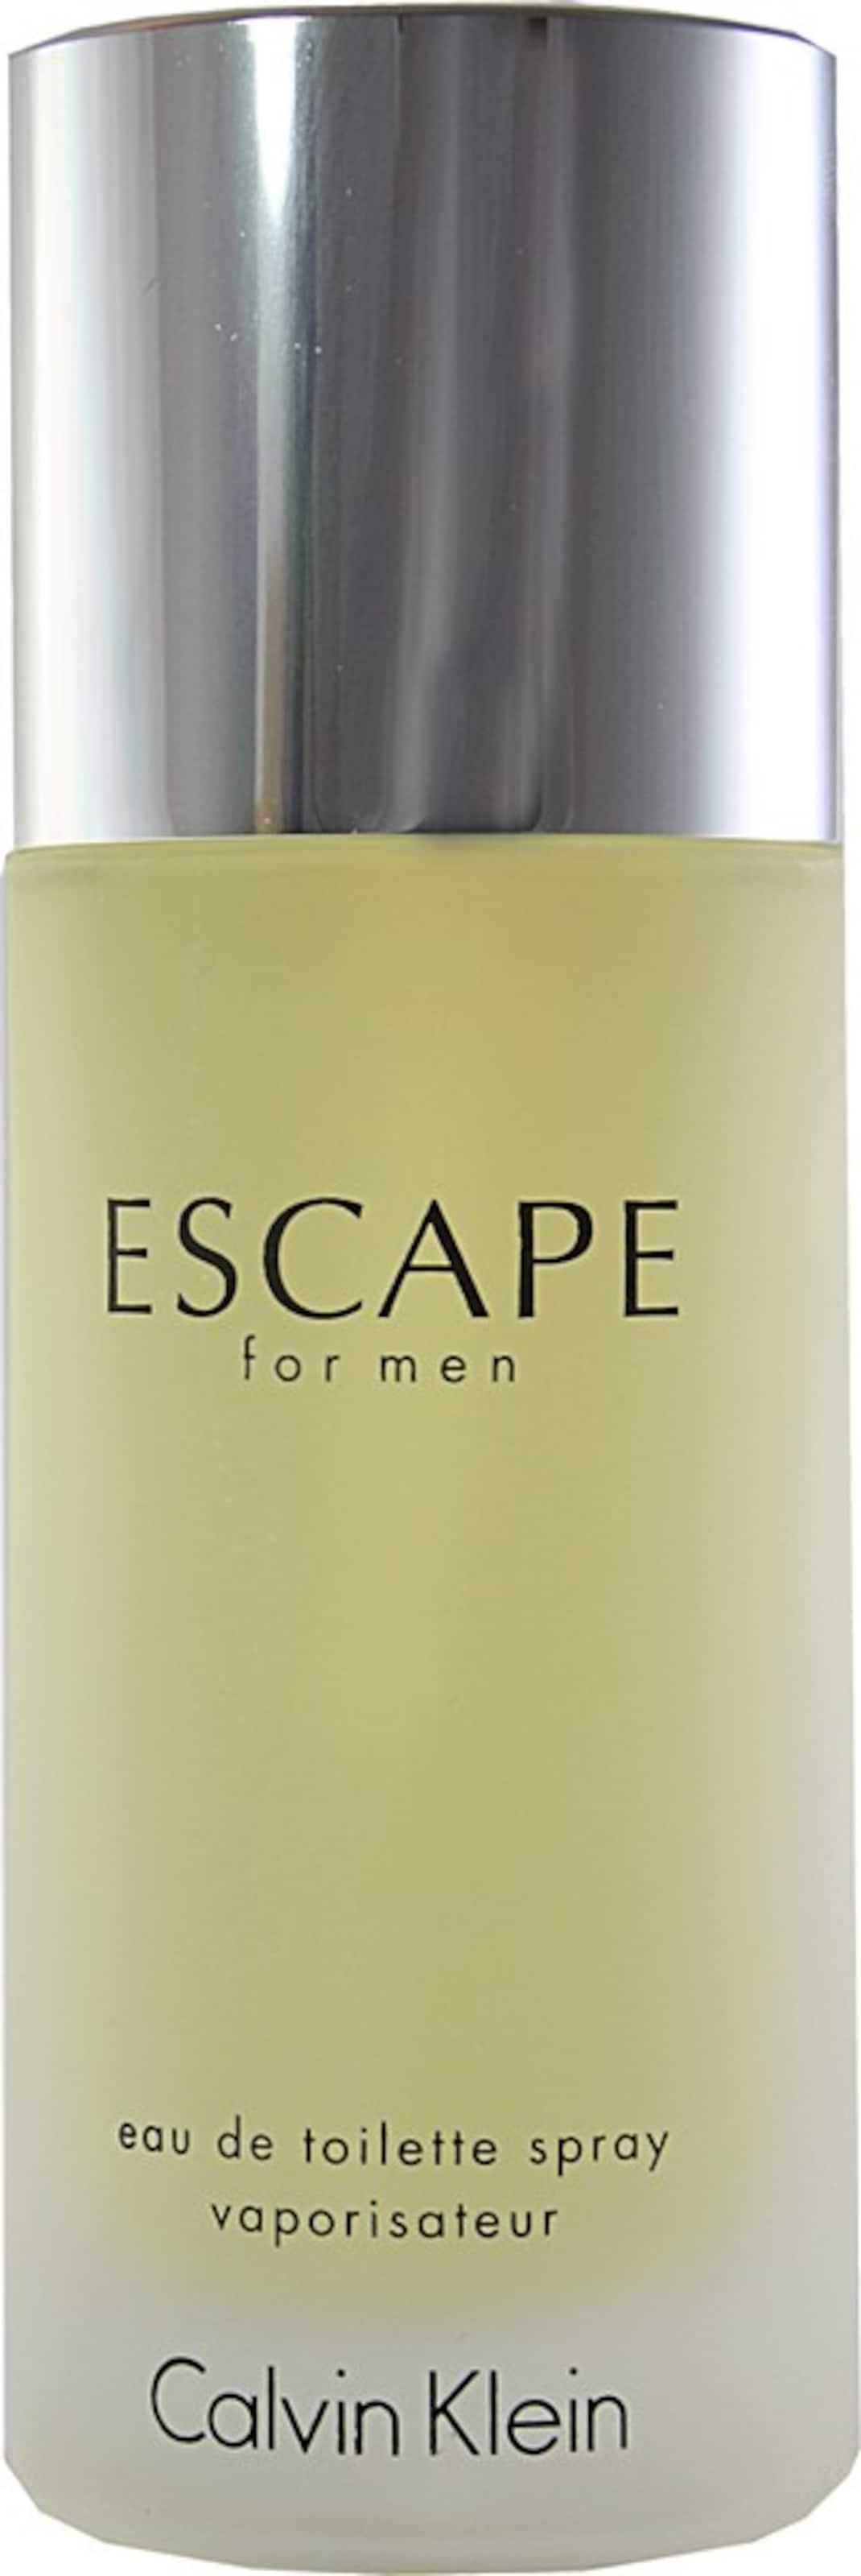 Calvin Klein 'Escape Men', Eau de Toilette